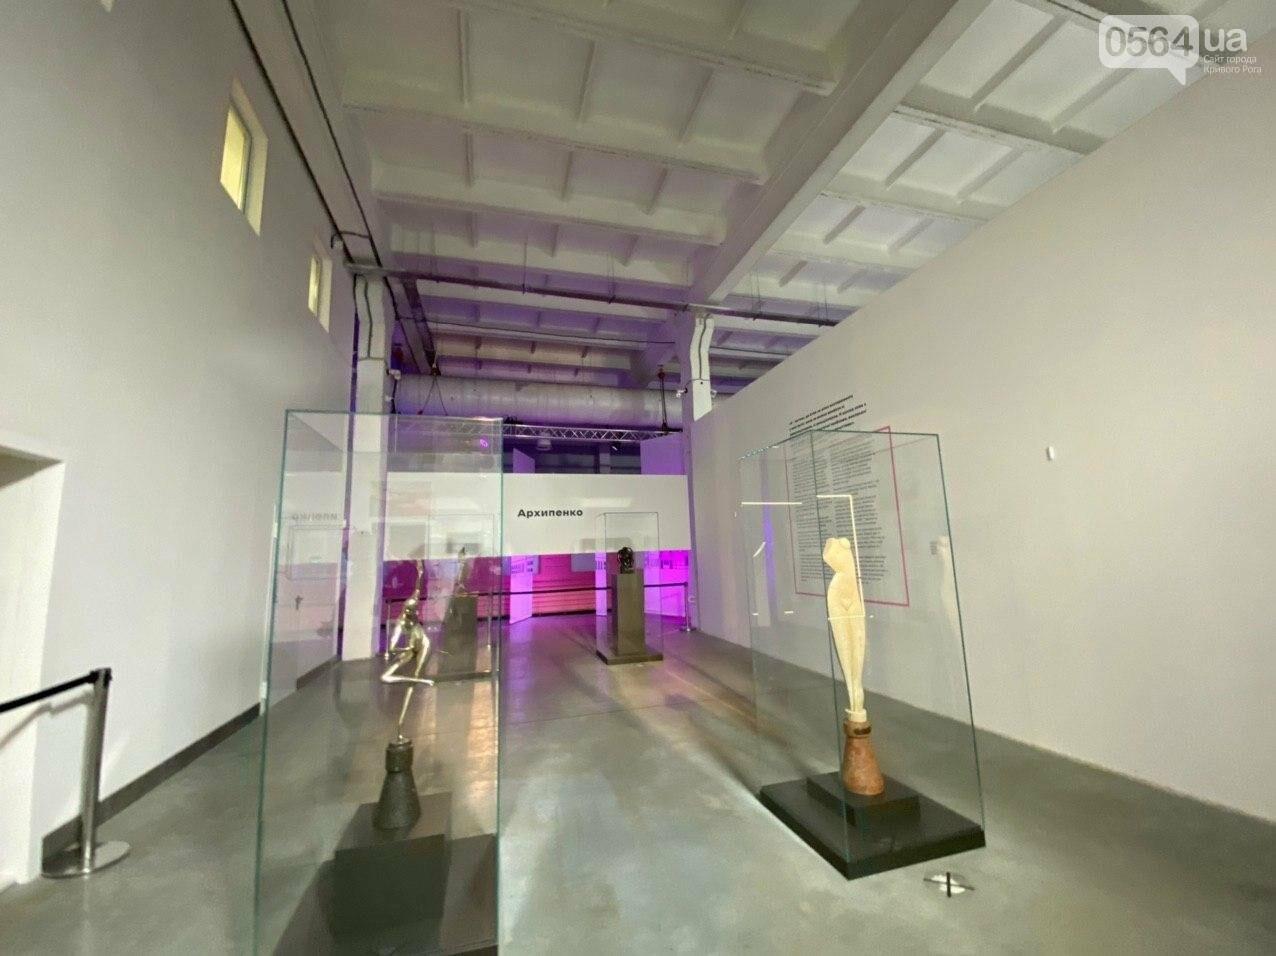 Ukraine WOW: что можно было узнать о Кривом Роге на интерактивной выставке, - ФОТО , фото-54